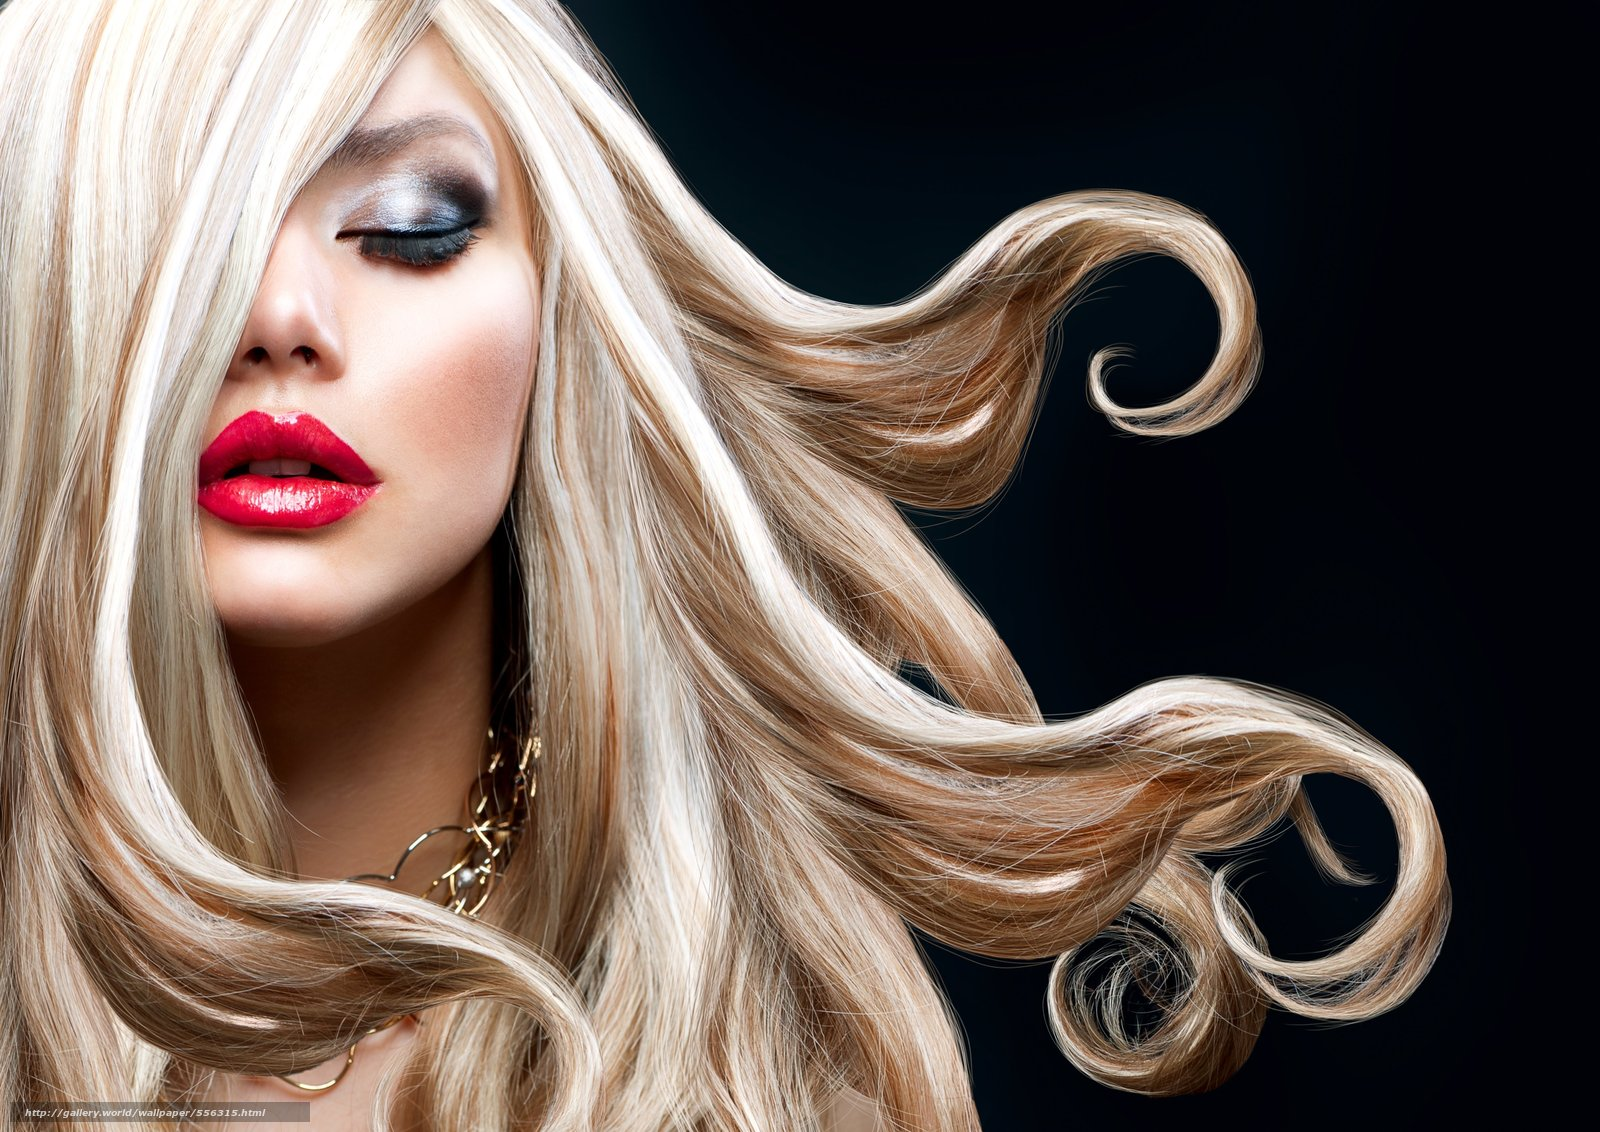 Скачать обои блондинка,  губы,  помада,  макияж бесплатно для рабочего стола в разрешении 4992x3532 — картинка №556315